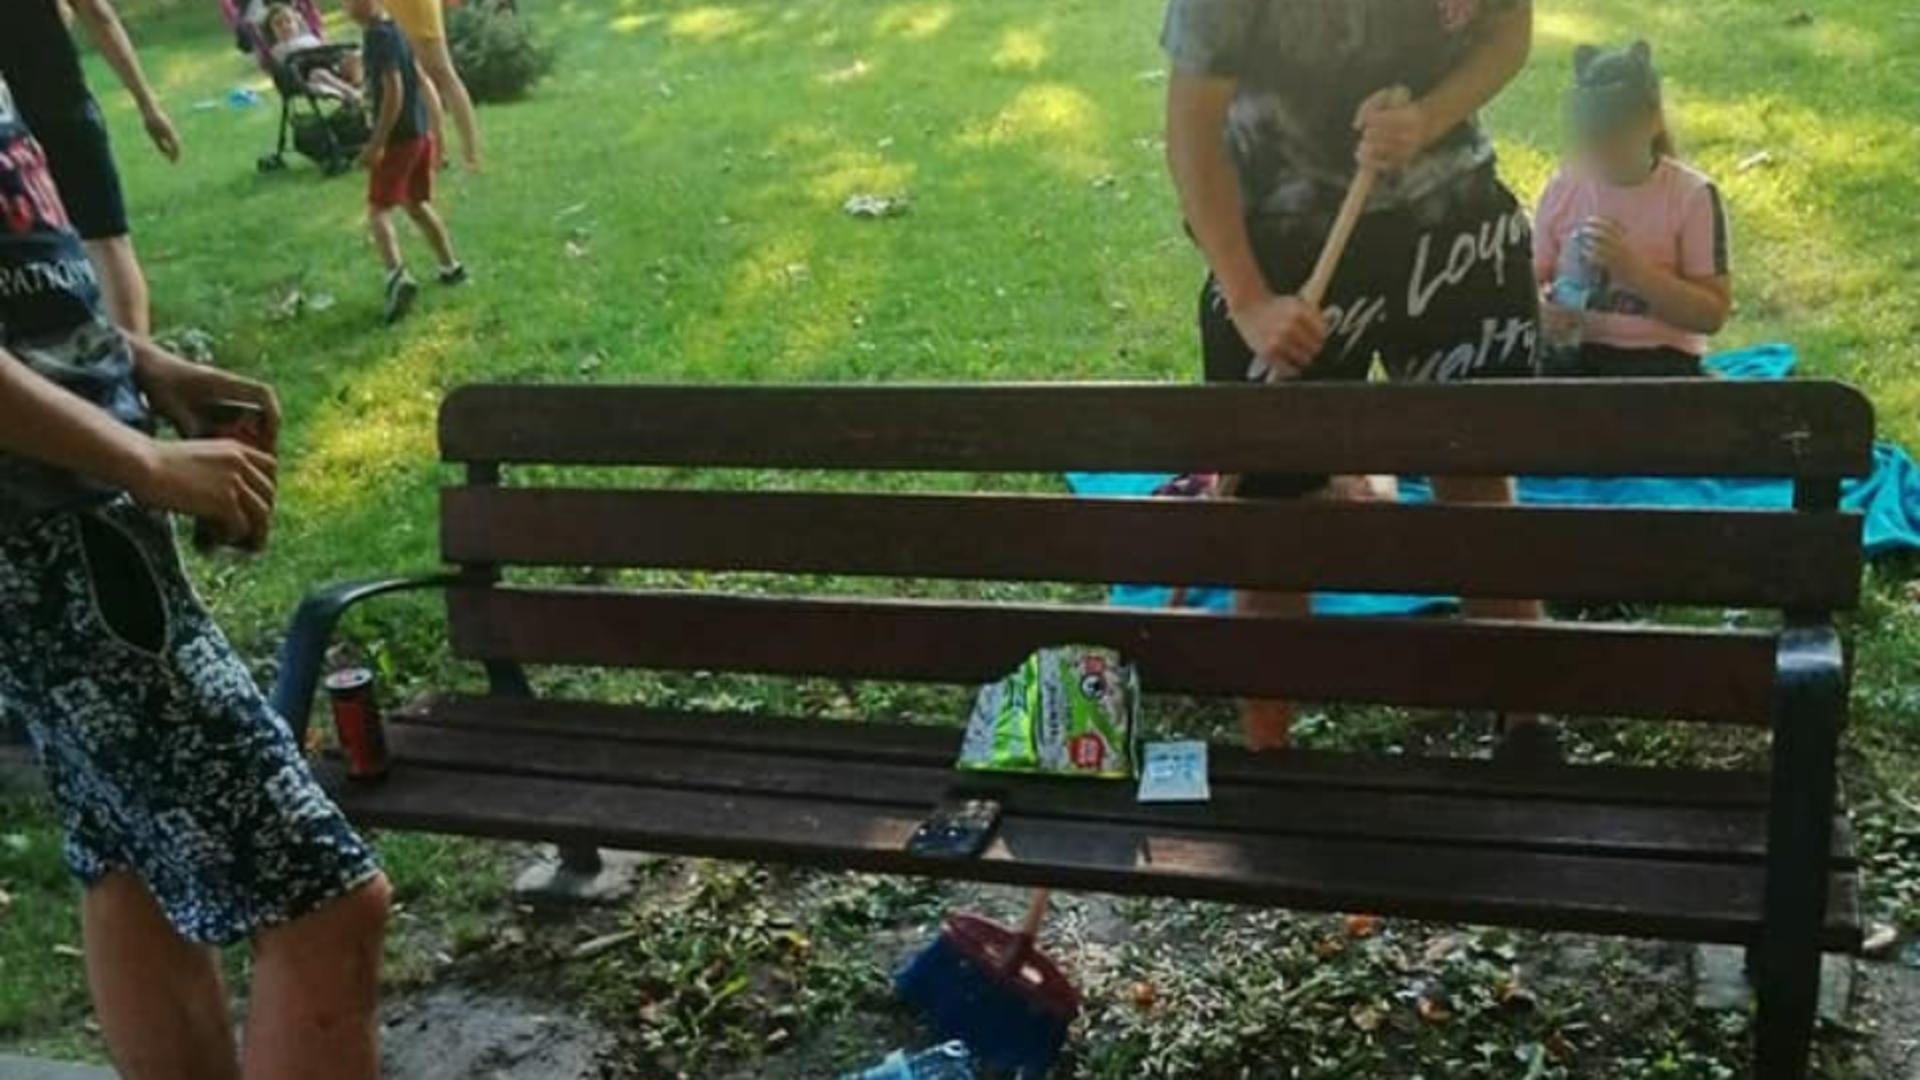 Spărgătorii de semințe, puși de polițiști să măture cojile. Foto: Facebook